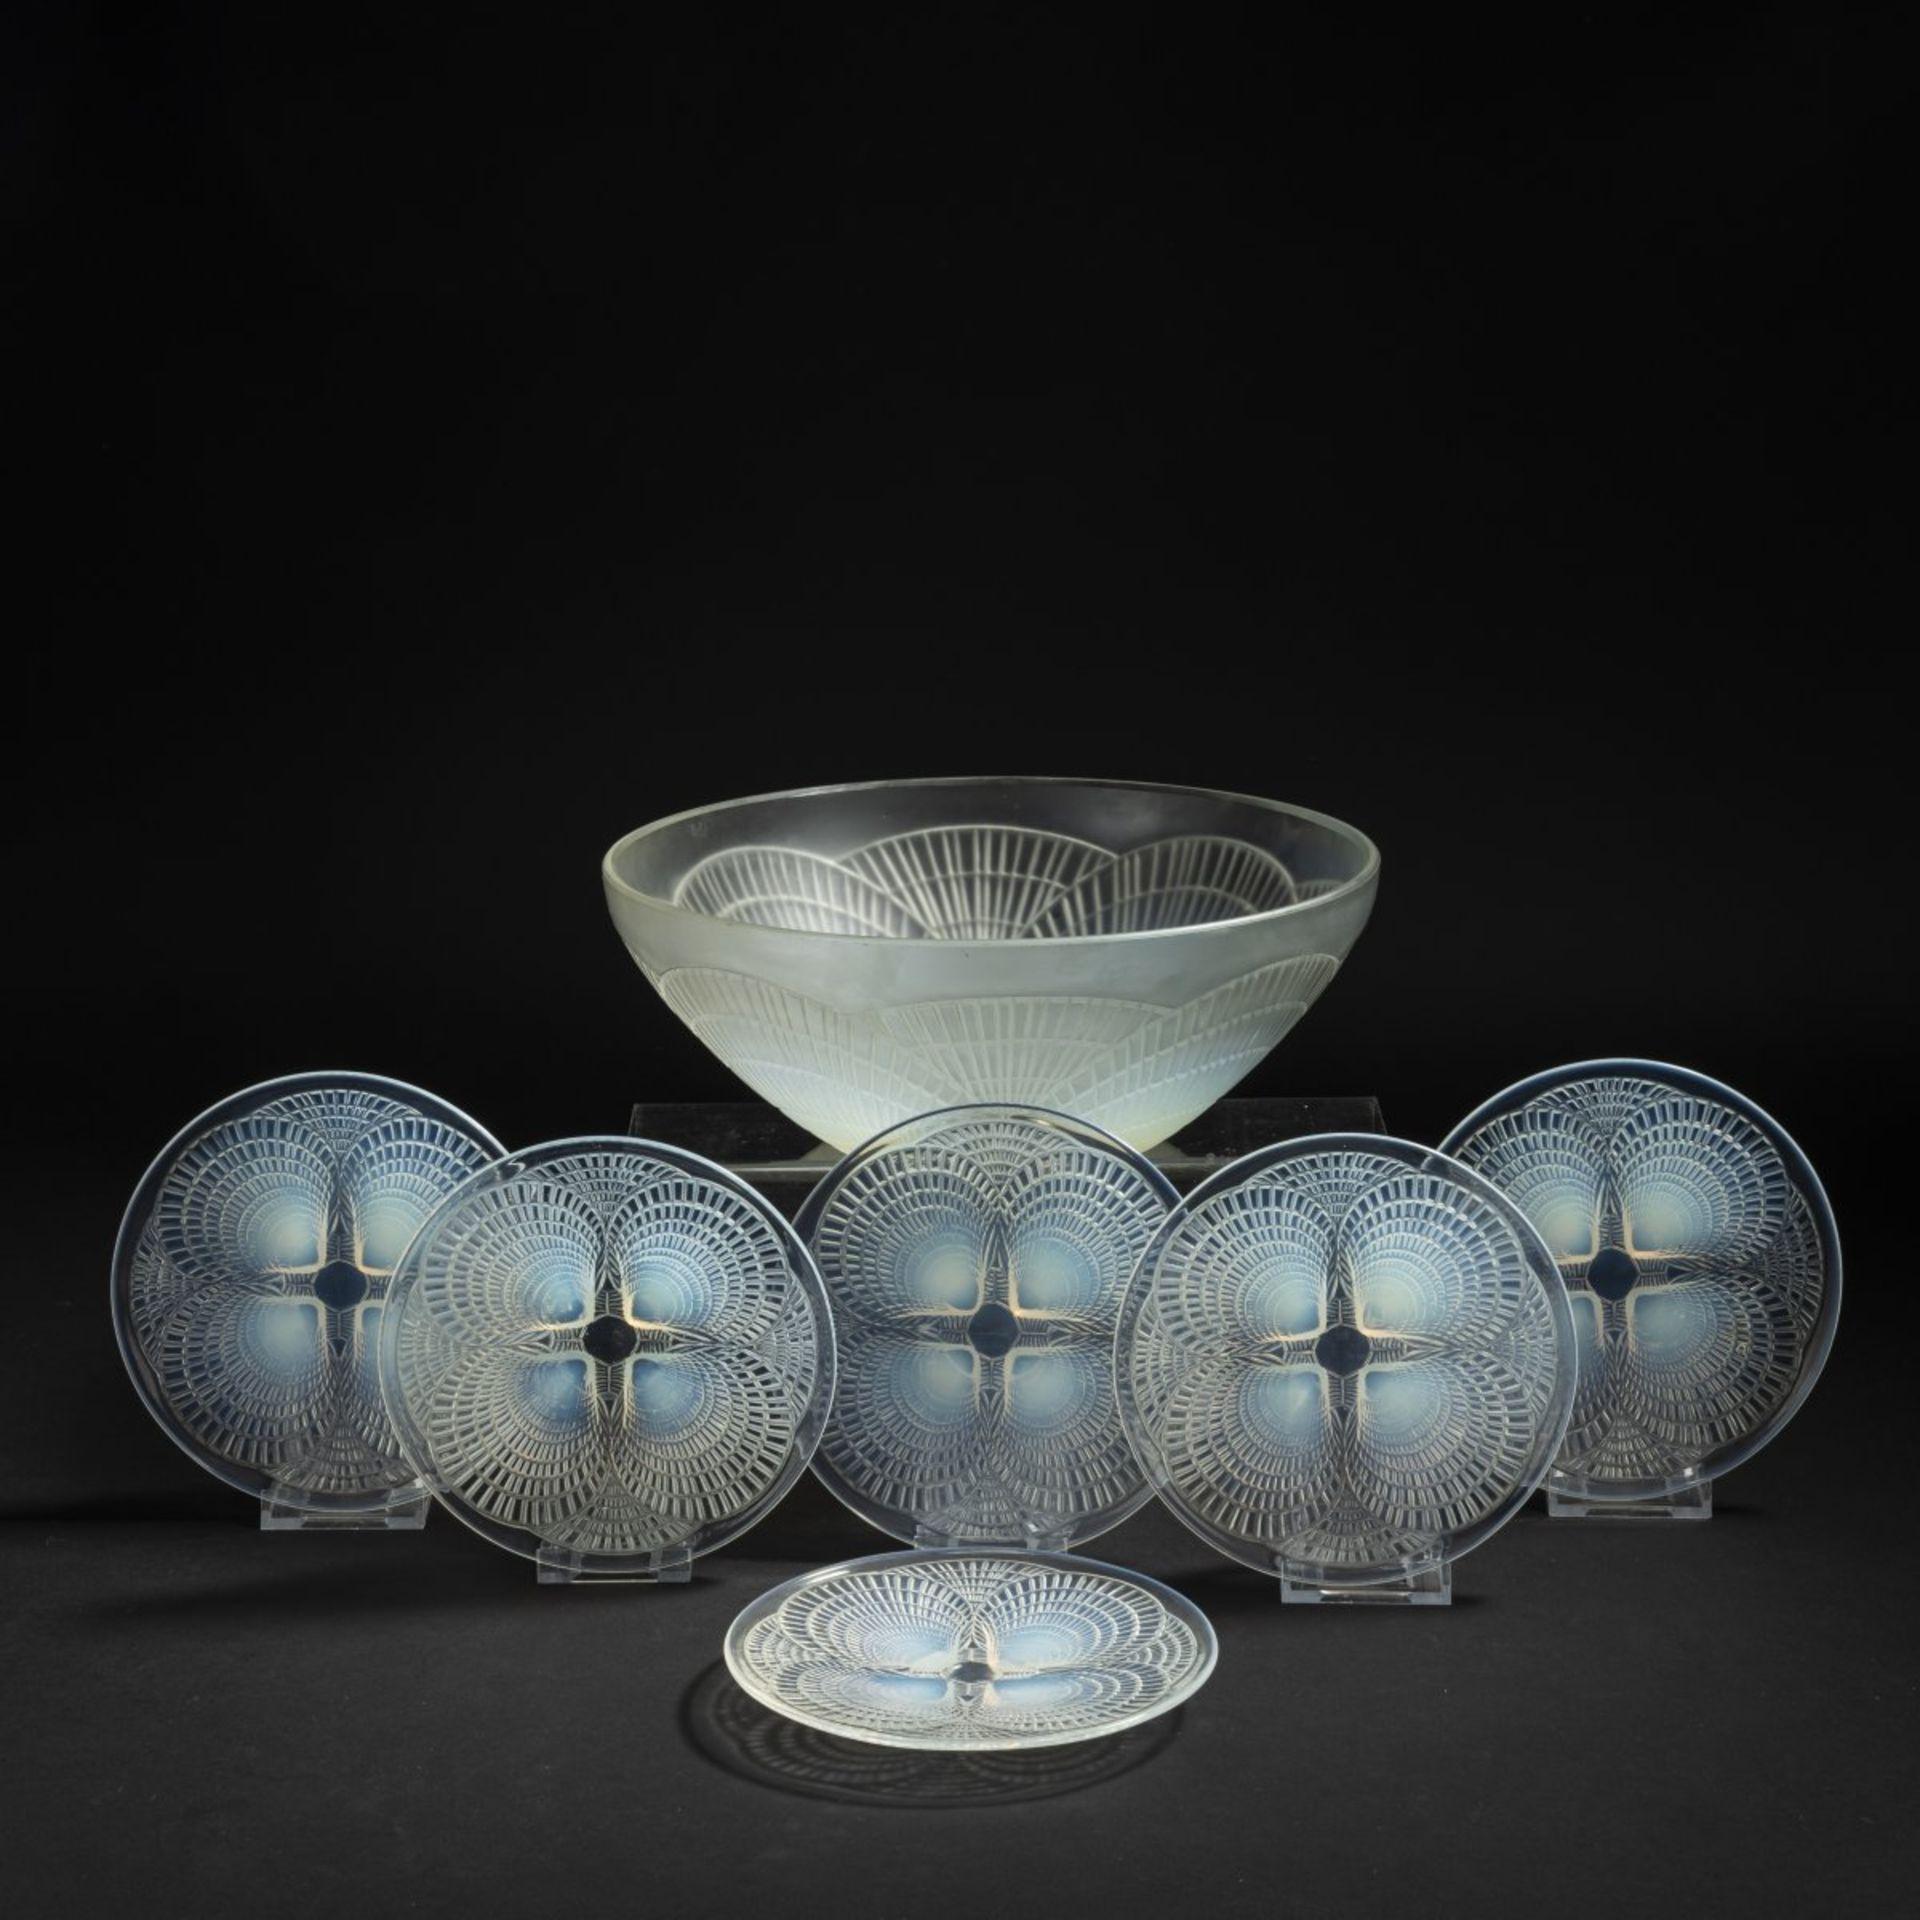 René Lalique, Schale 'Coquilles' und sechs Teller 'Coquilles N° 5', 1924 - Bild 2 aus 6